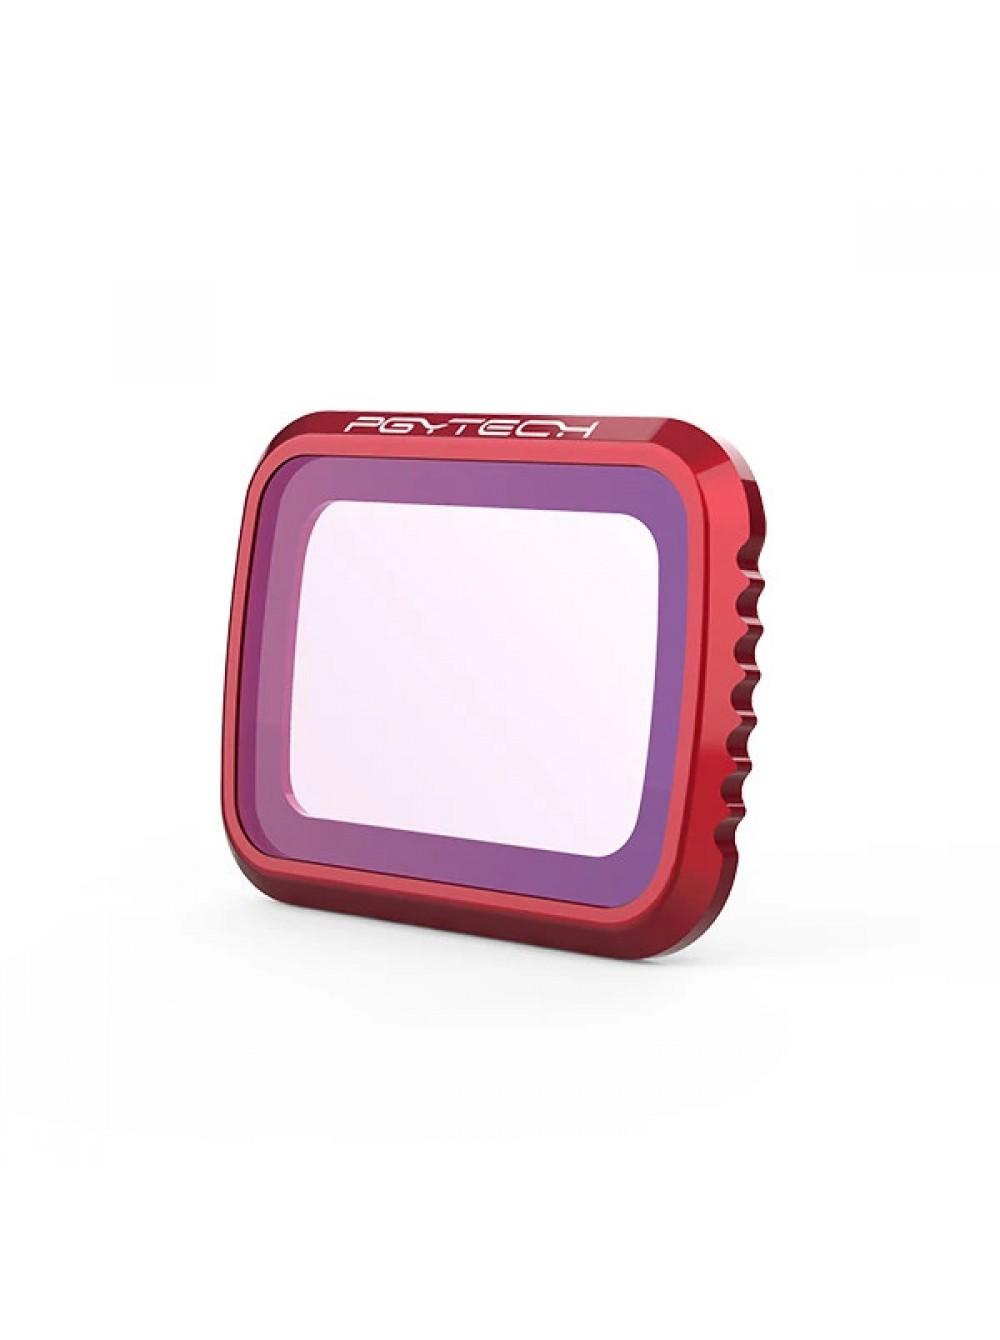 Ультрафиолетовый фильтр PGY UV Filter for Mavic Air 2 (P-16A-032)